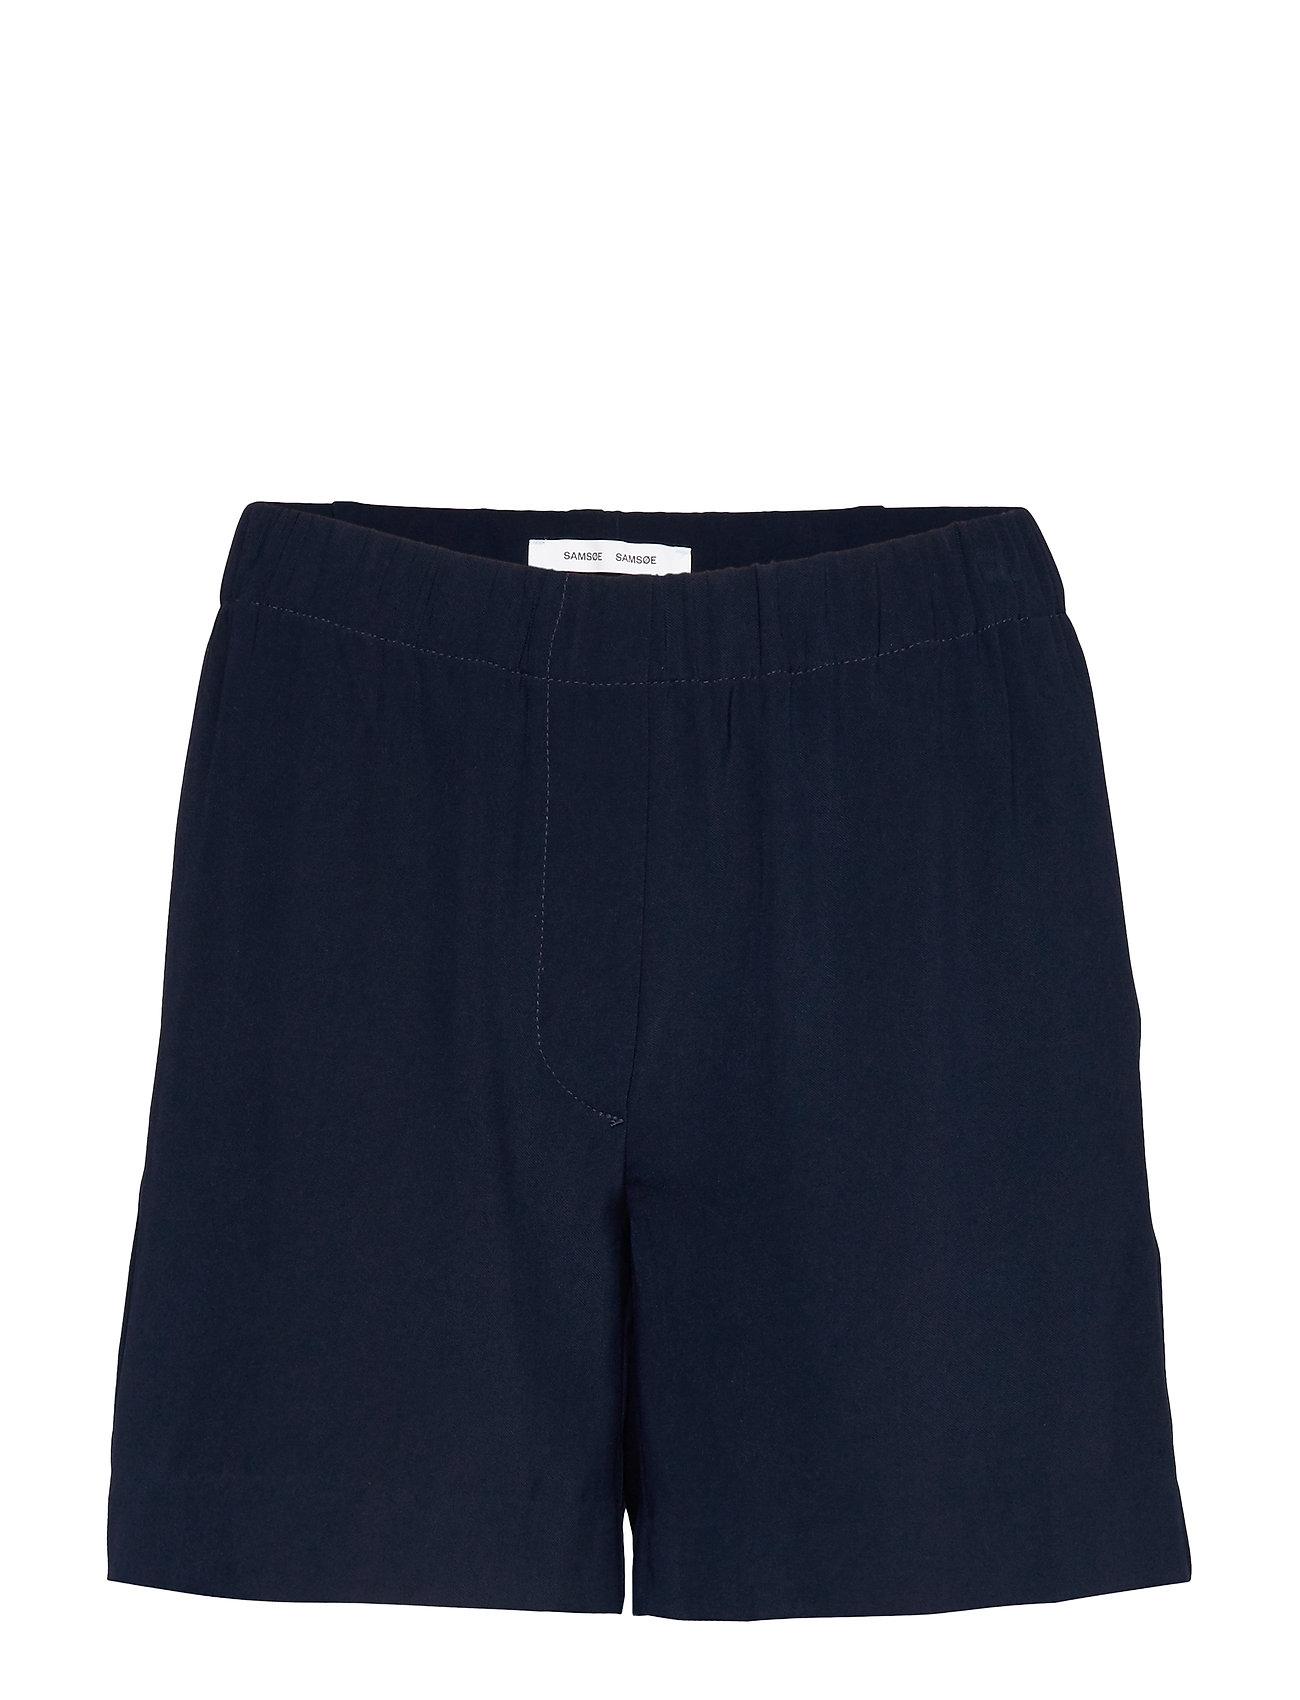 Samsøe Samsøe Hoys shorts 10654 - NIGHT SKY